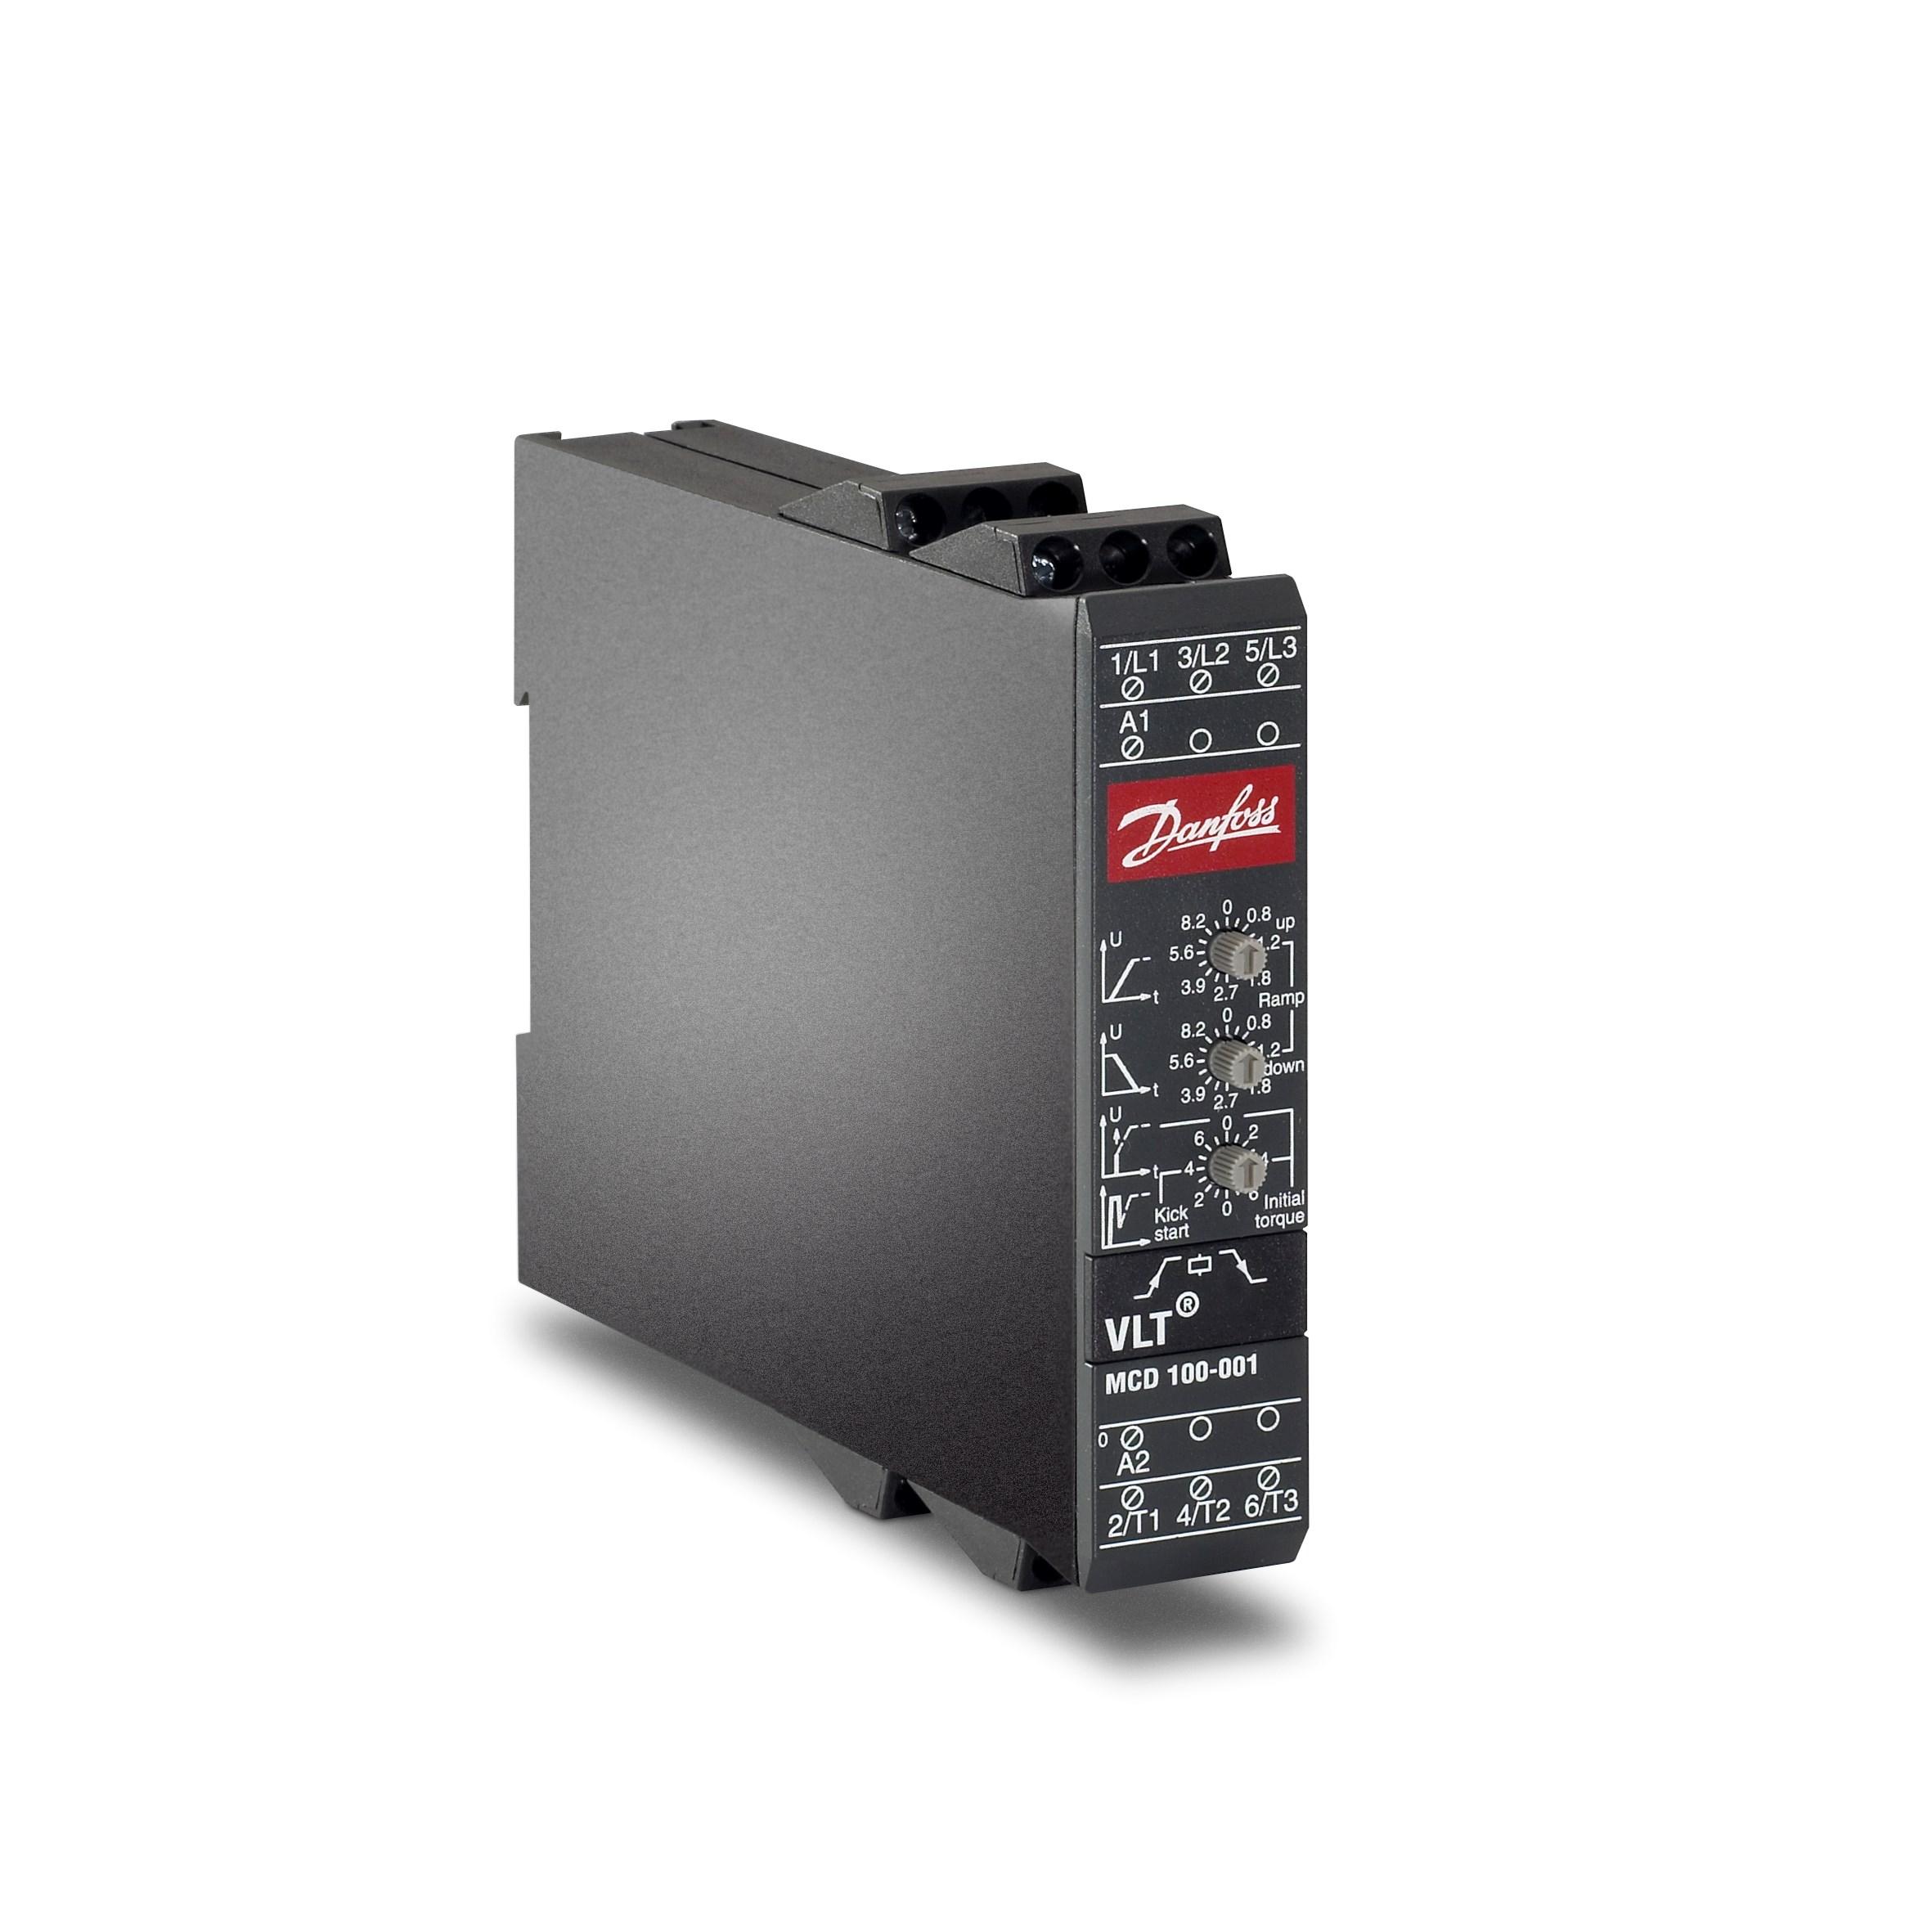 MCD100-001 / 208-240V / 3A / 0,75KW